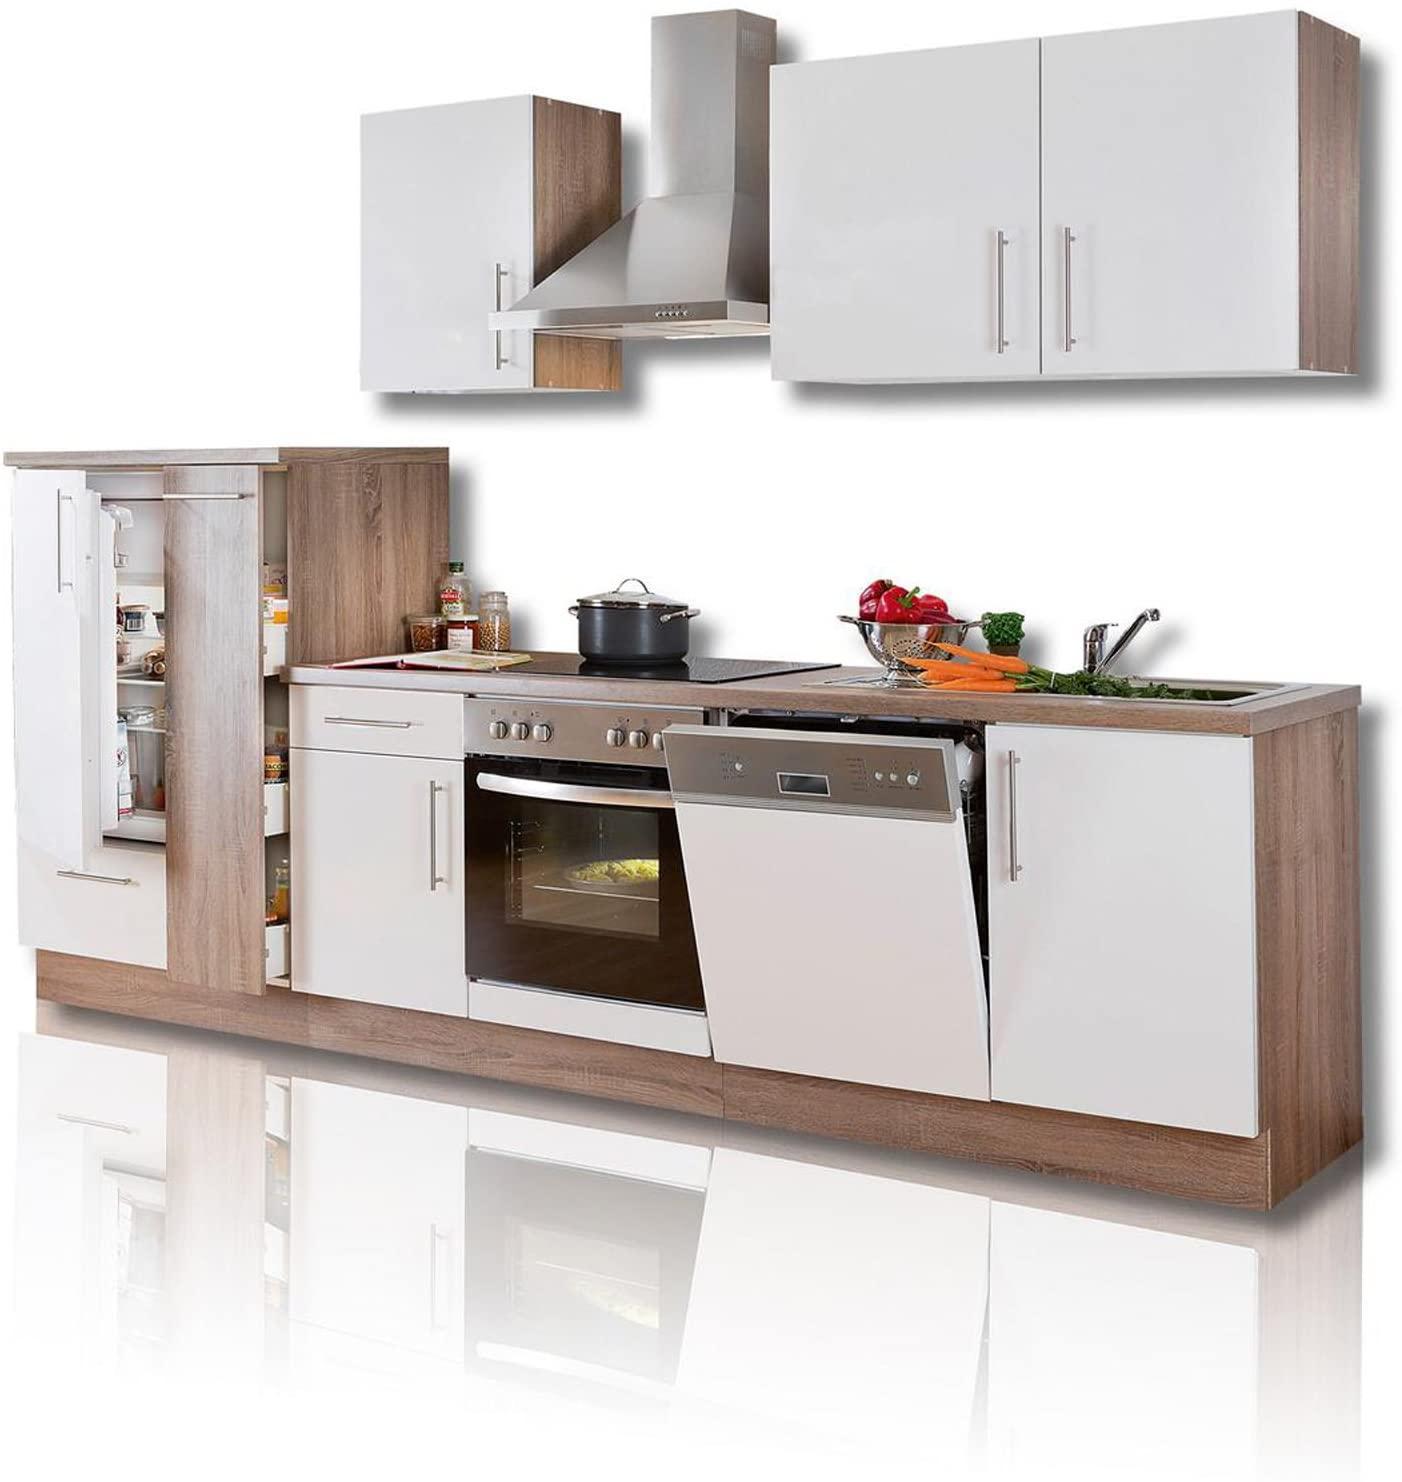 Full Size of Roller Miniküche Kchenblock Julia Stengel Mit Kühlschrank Regale Ikea Wohnzimmer Roller Miniküche